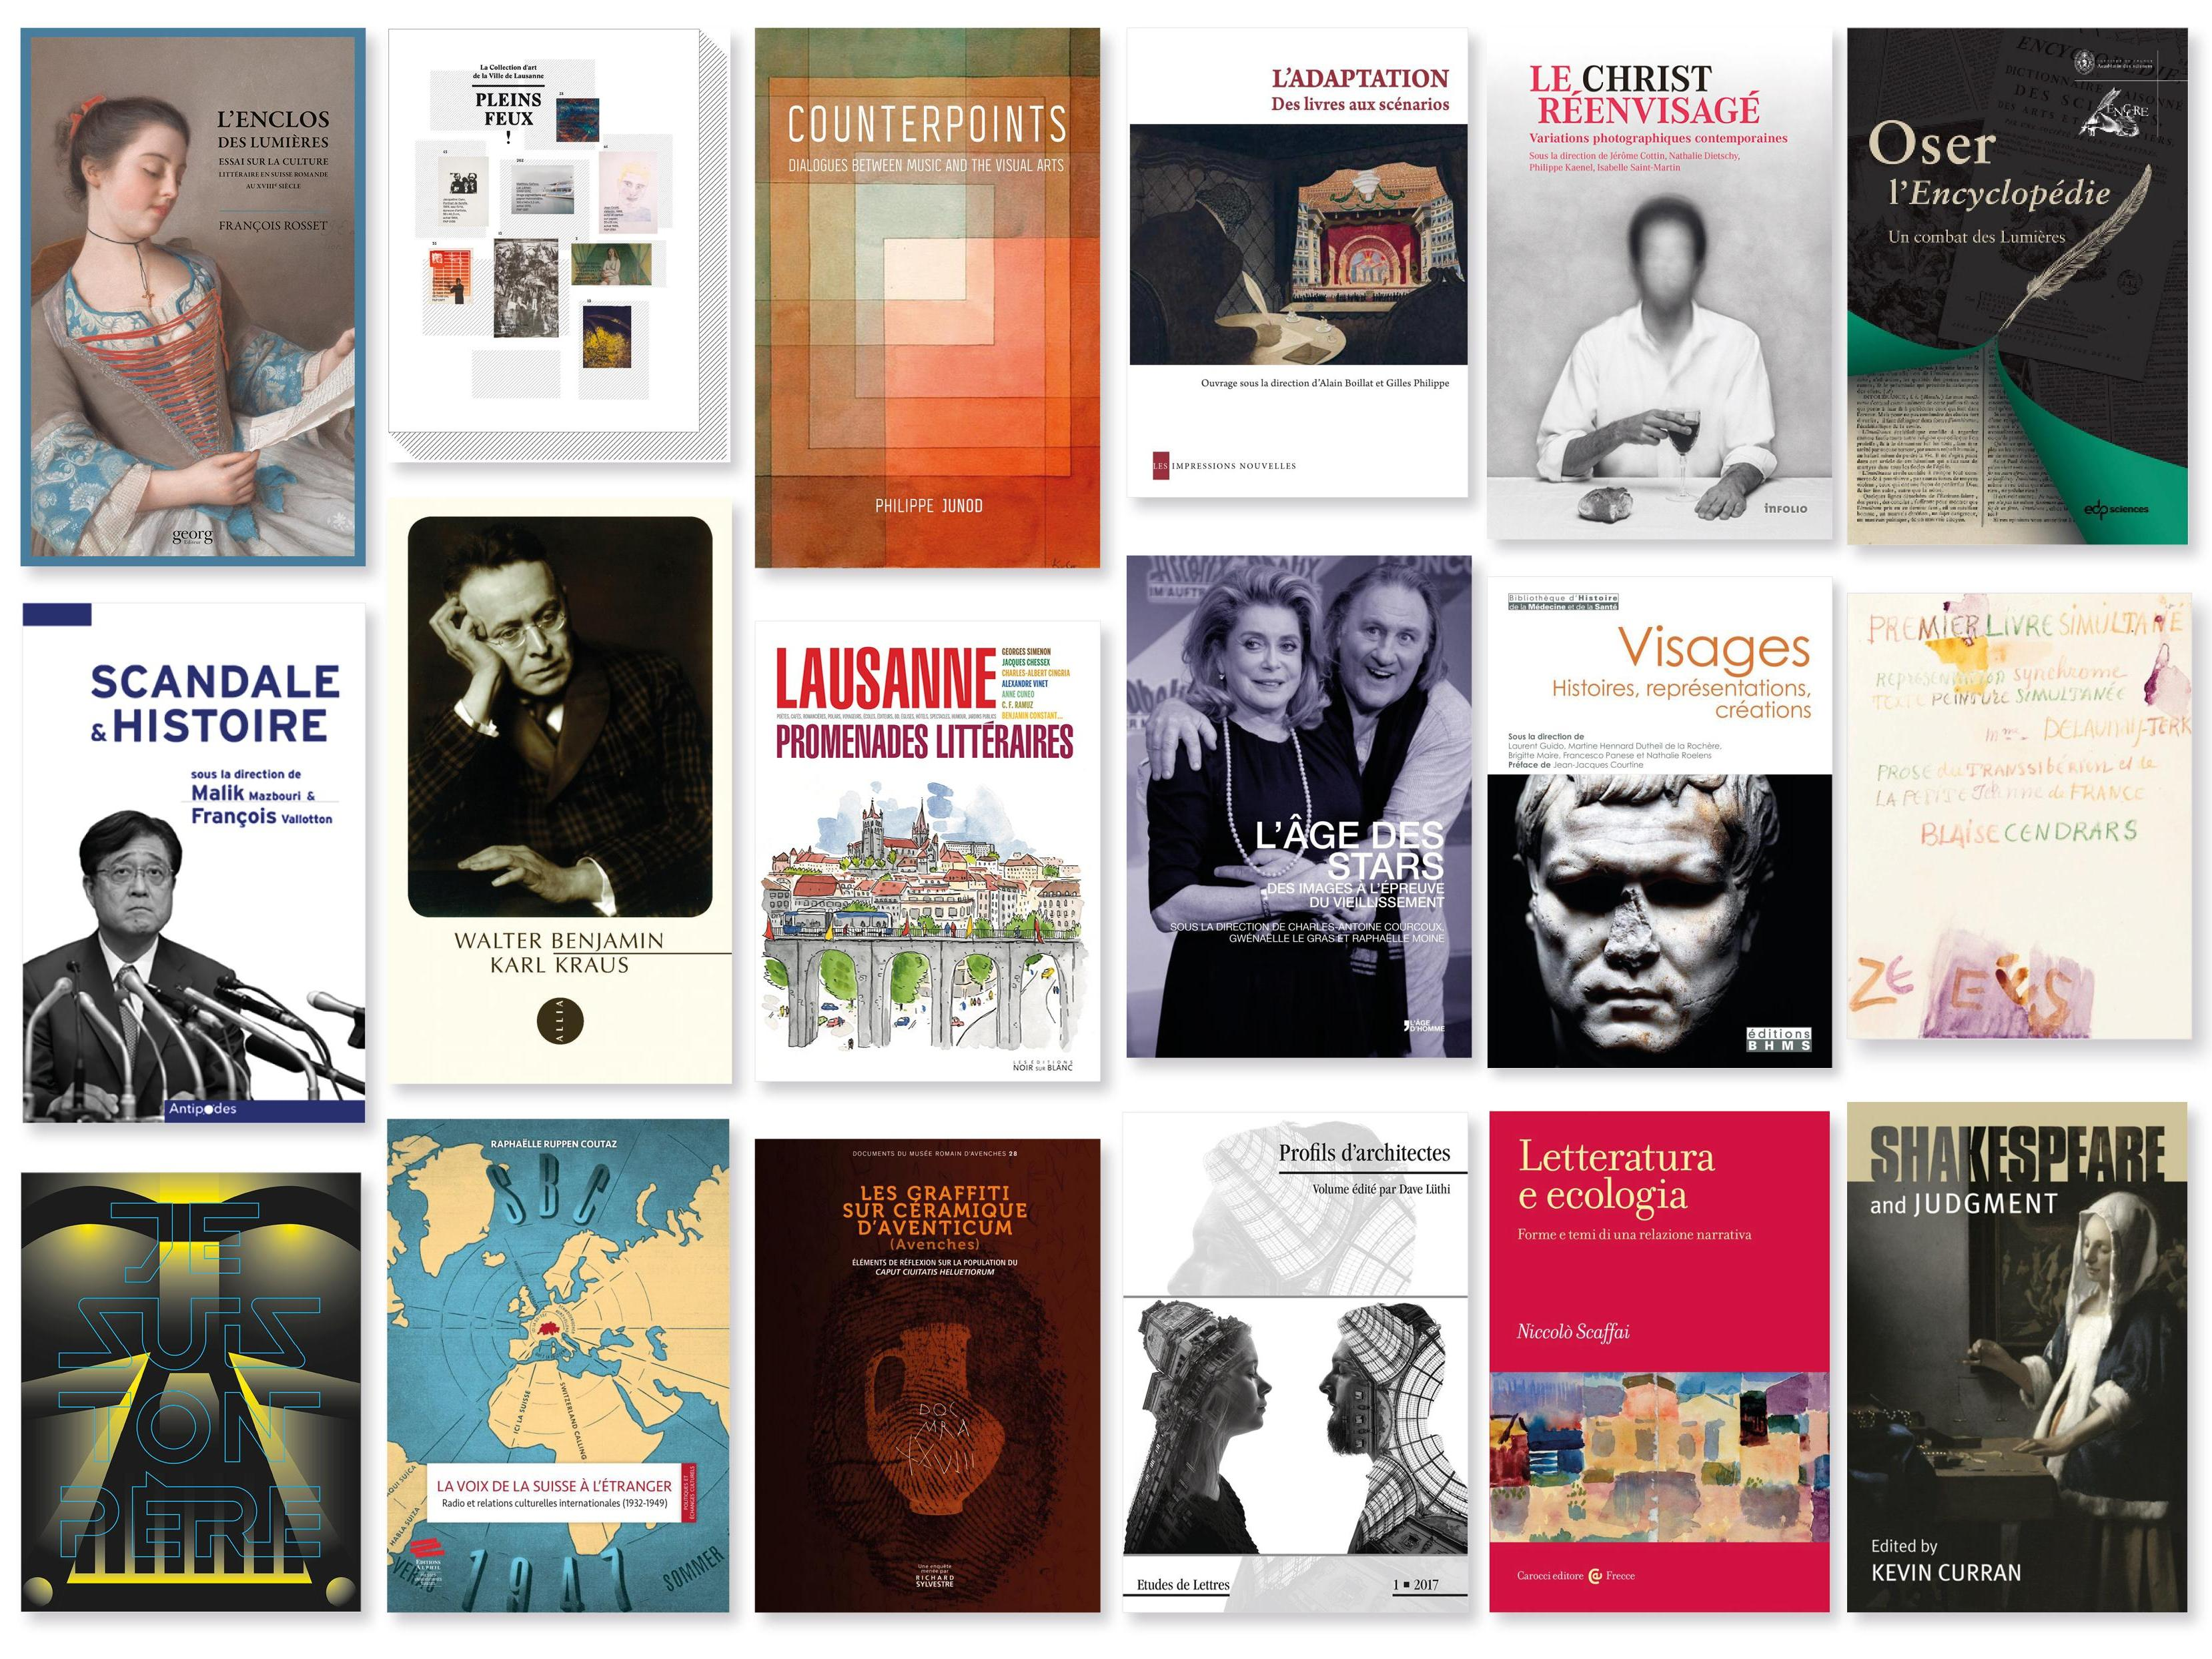 Découvrez les ouvrages des chercheur·euse·s en Lettres sur unil.ch/labelettres